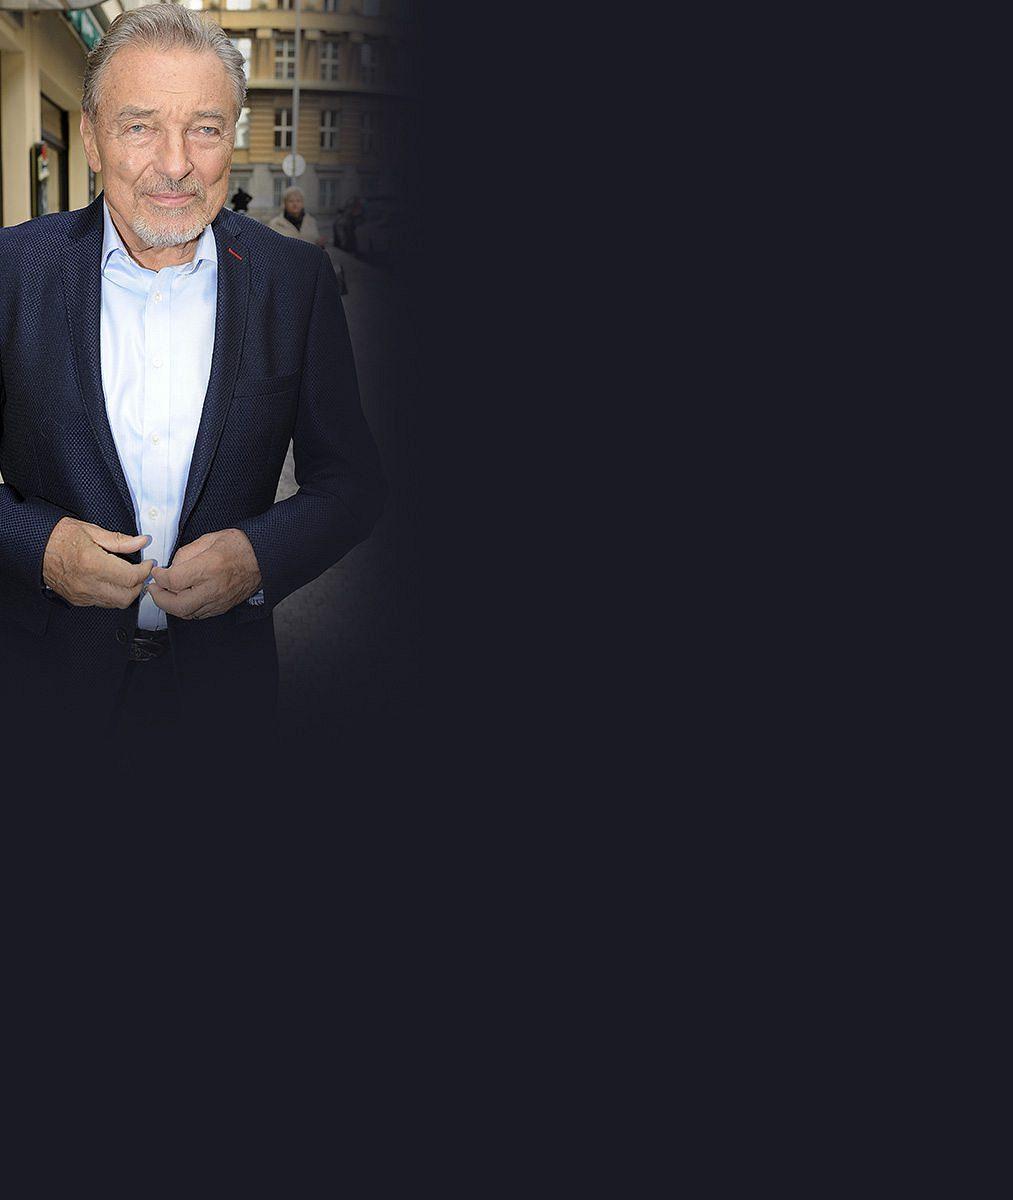 Tady jedno oko nezůstane suché: Mrkněte, jak se Karel Gott v novém klipu rozněžnil s manželkou a dcerkami